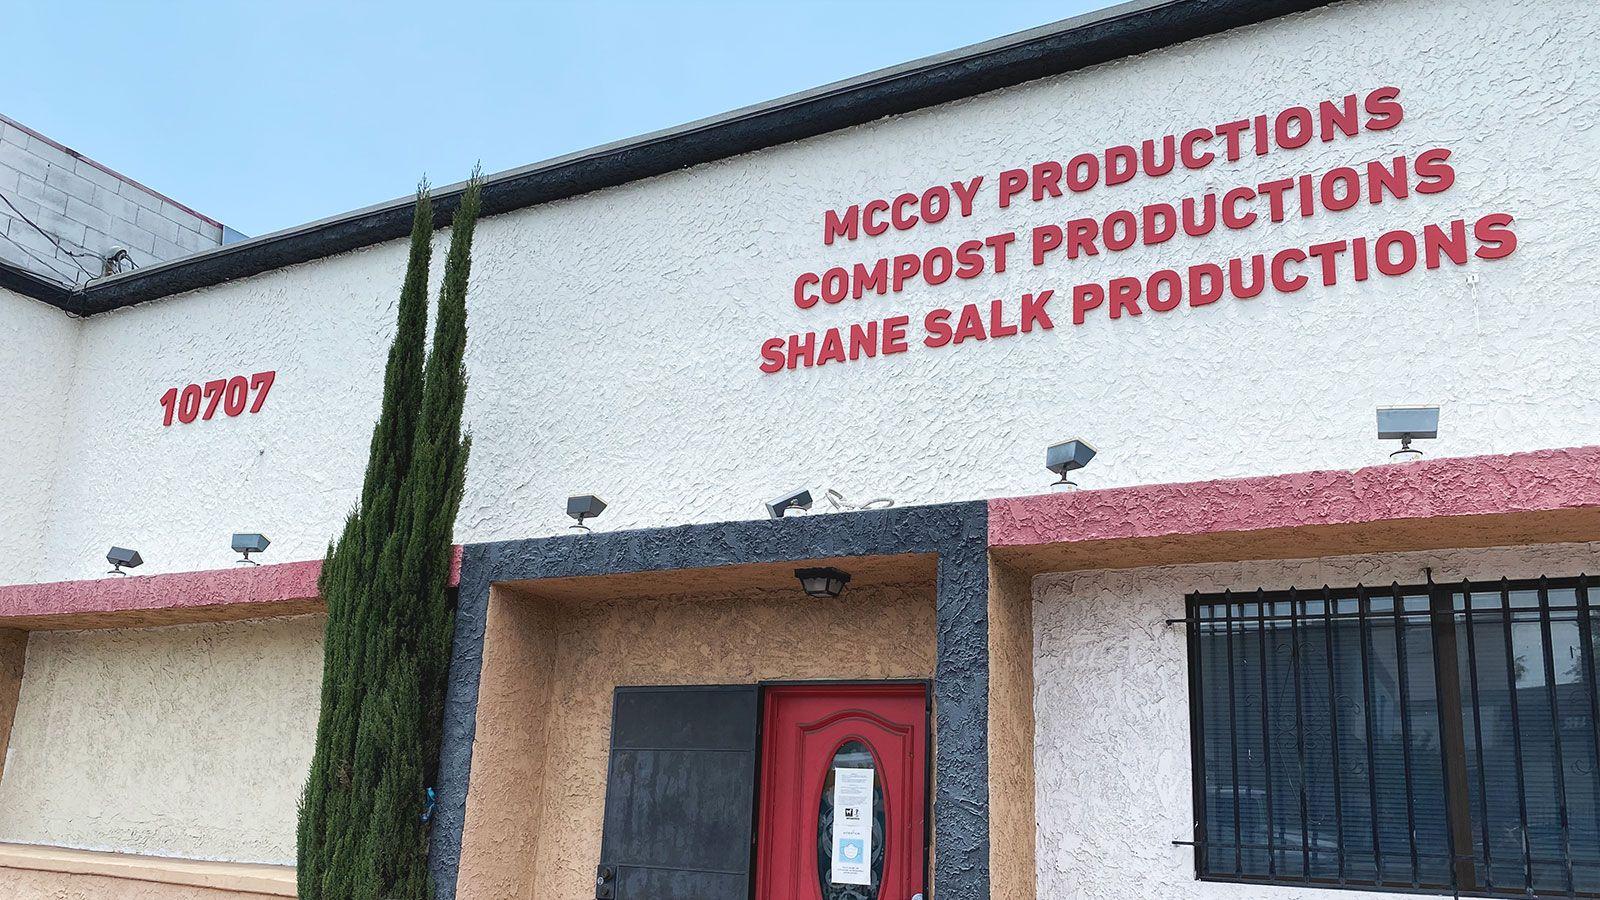 Mccoy productions 3D letters